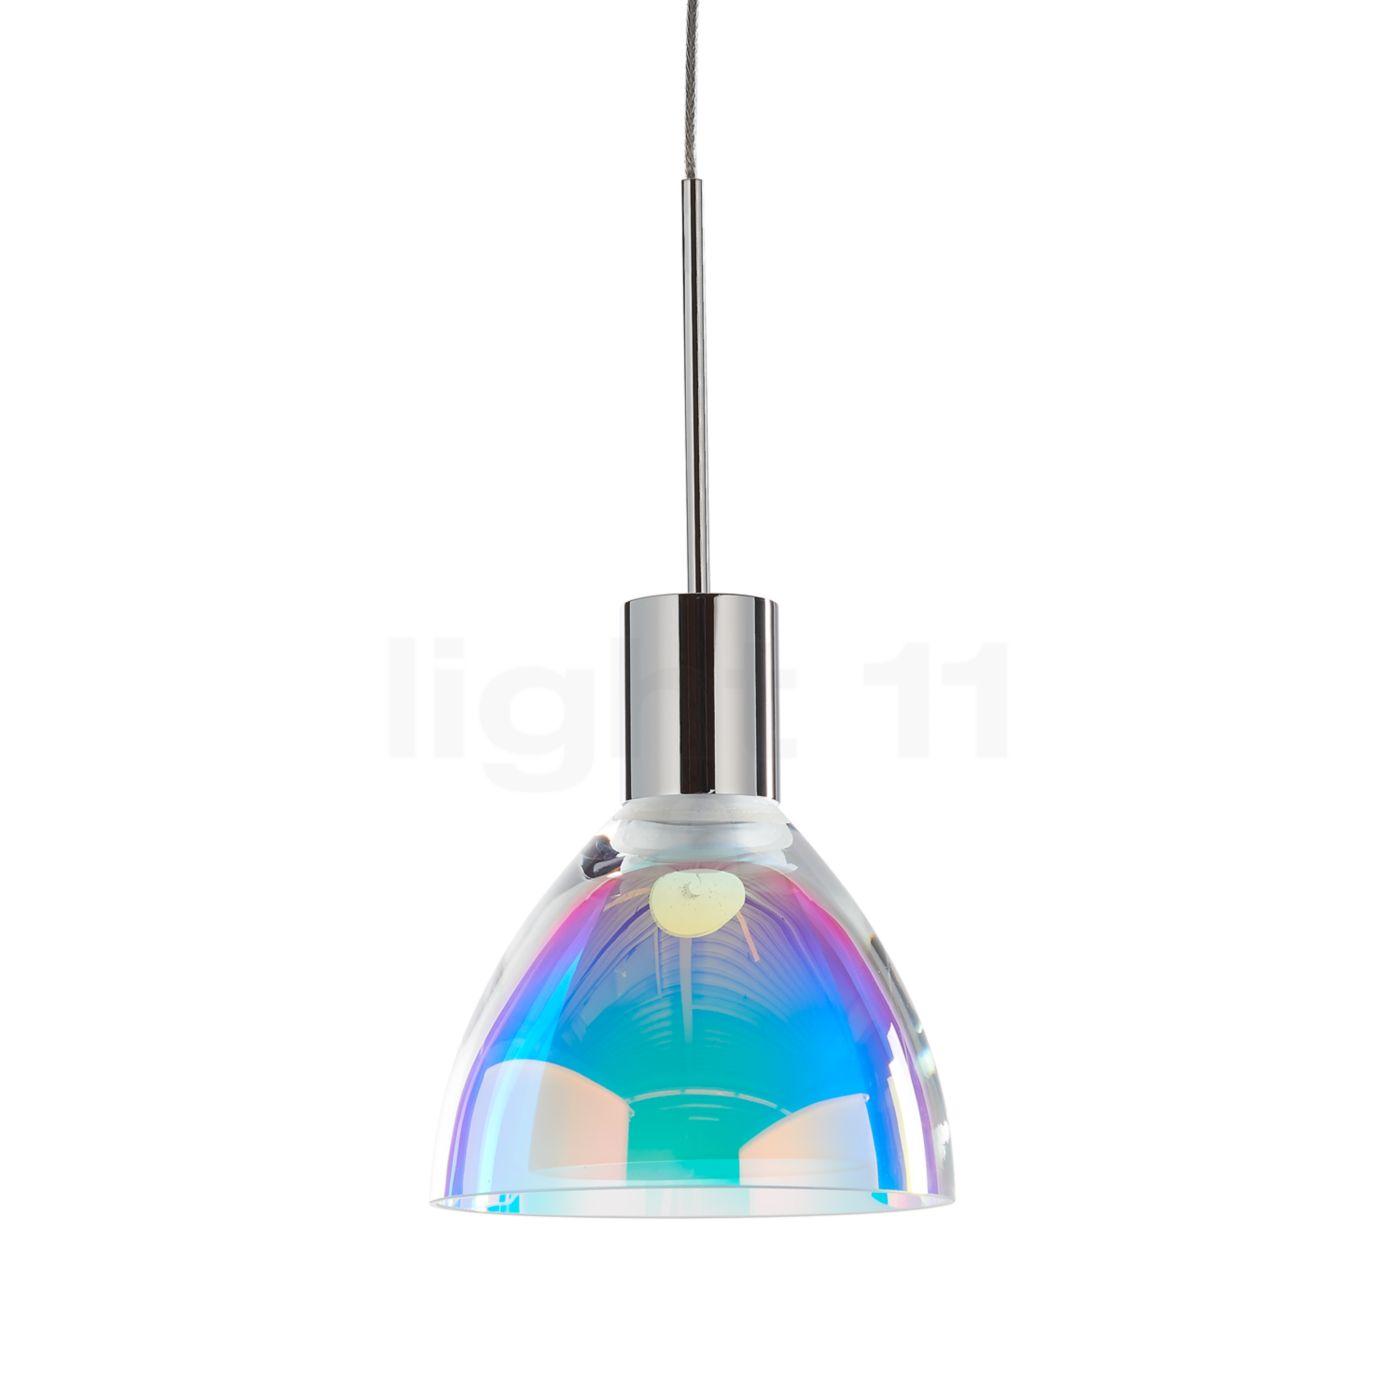 sc 1 st  Design lights u0026 designer l&s light11.eu & Buy Bruck Silva Neo/Down LED 110 PD S polished chrome at